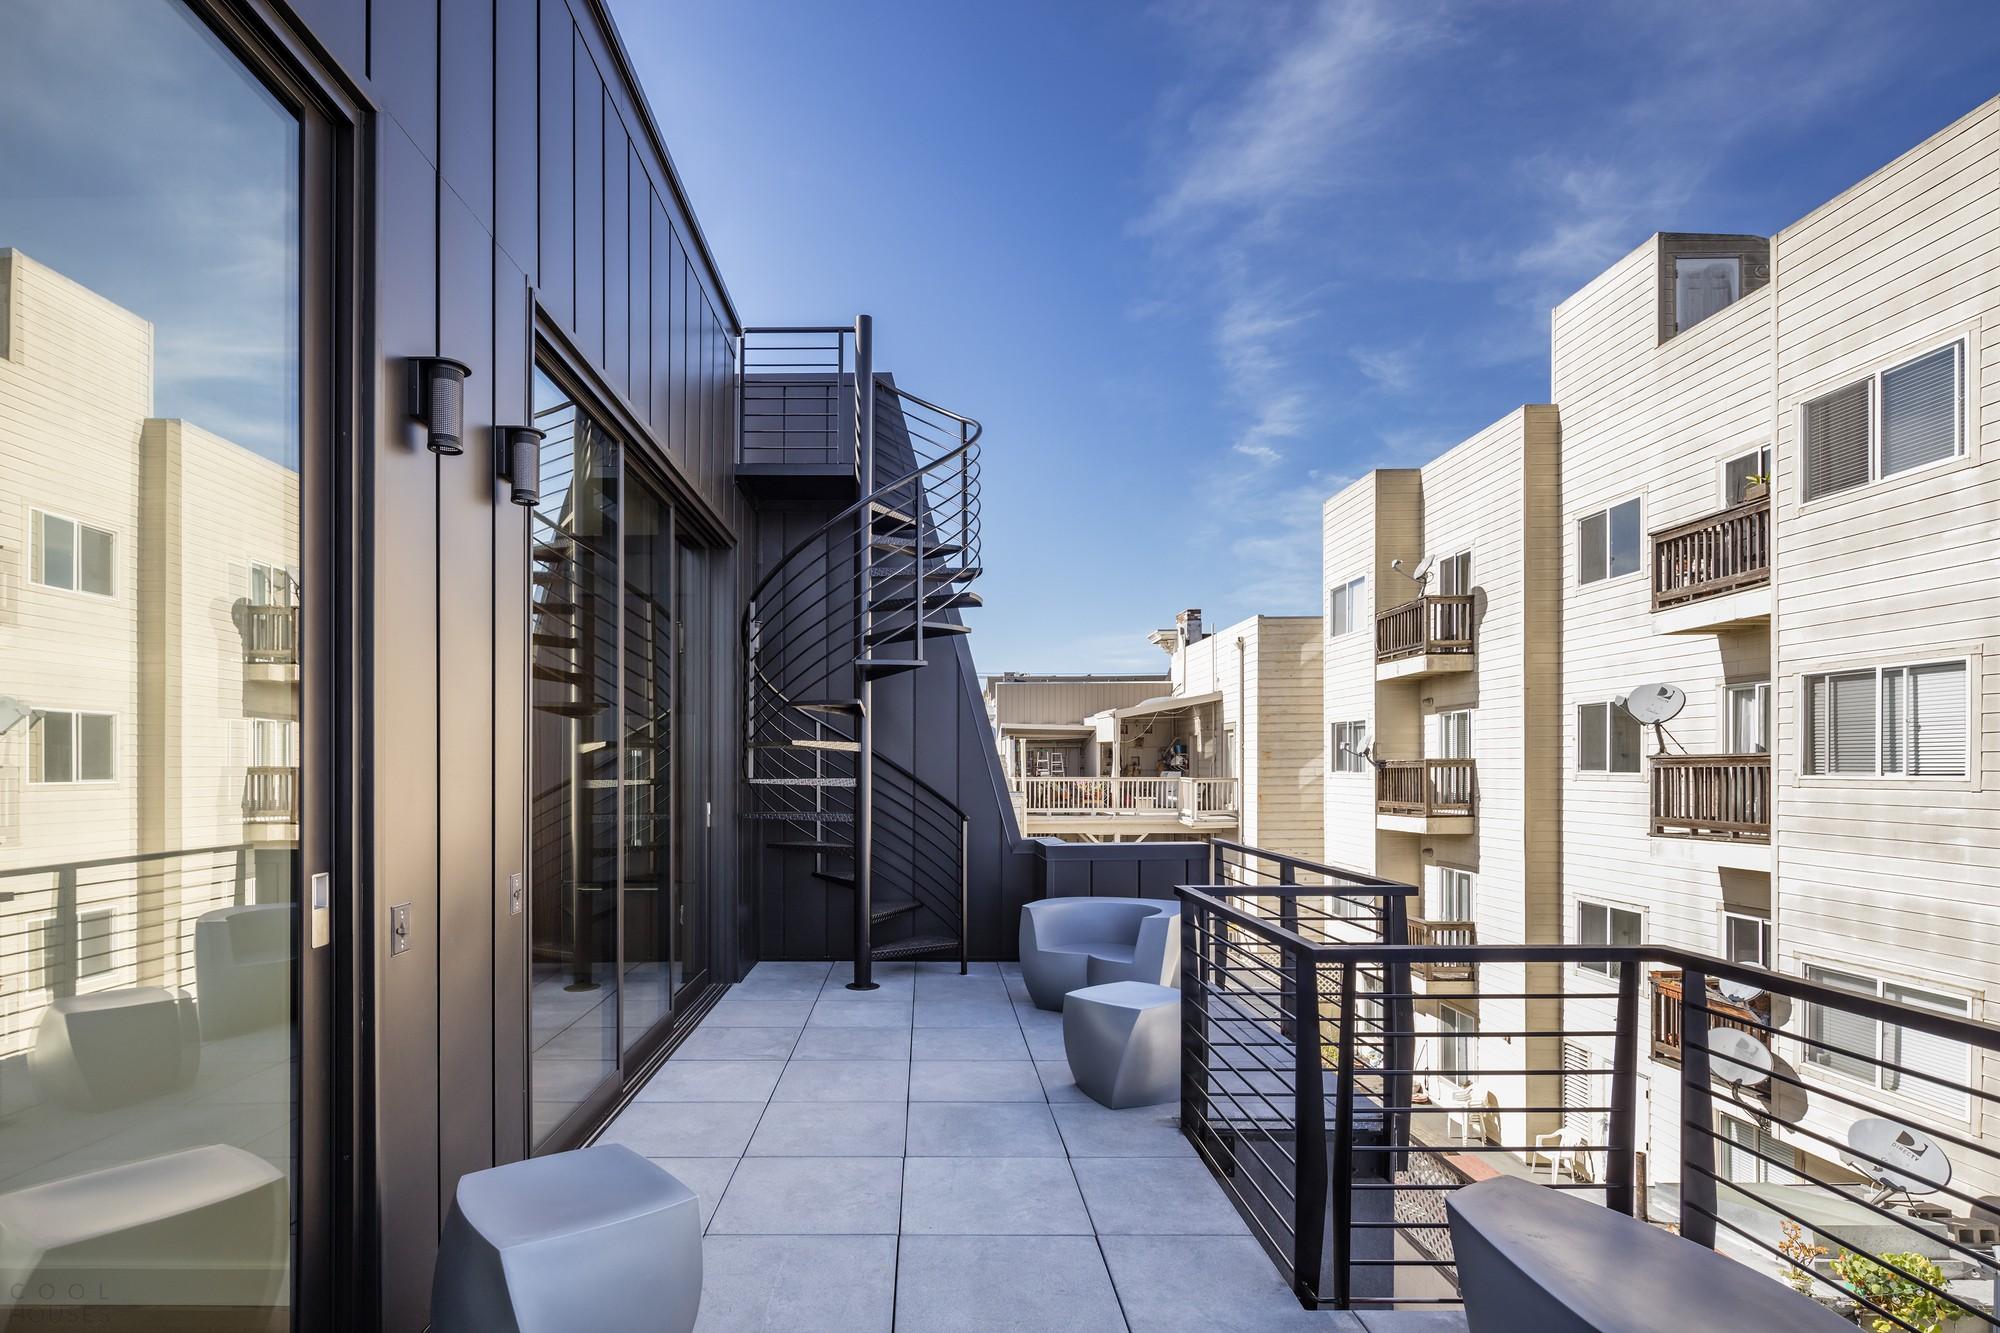 Дуплекс с ярким черным фасадом в Сан-Франциско